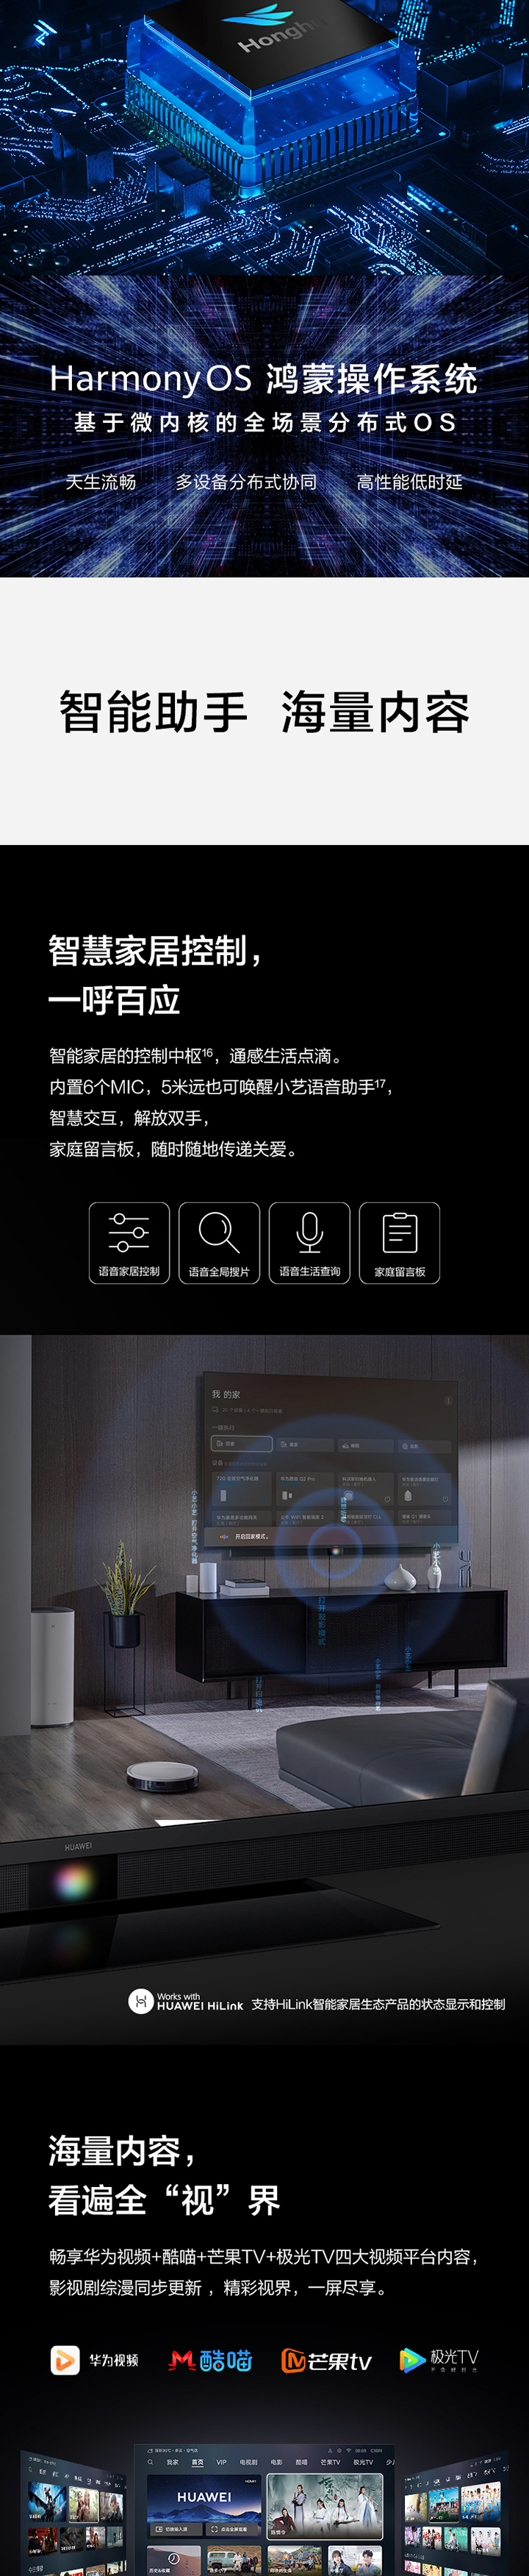 【全网首发】华为智慧屏免费试用,评测